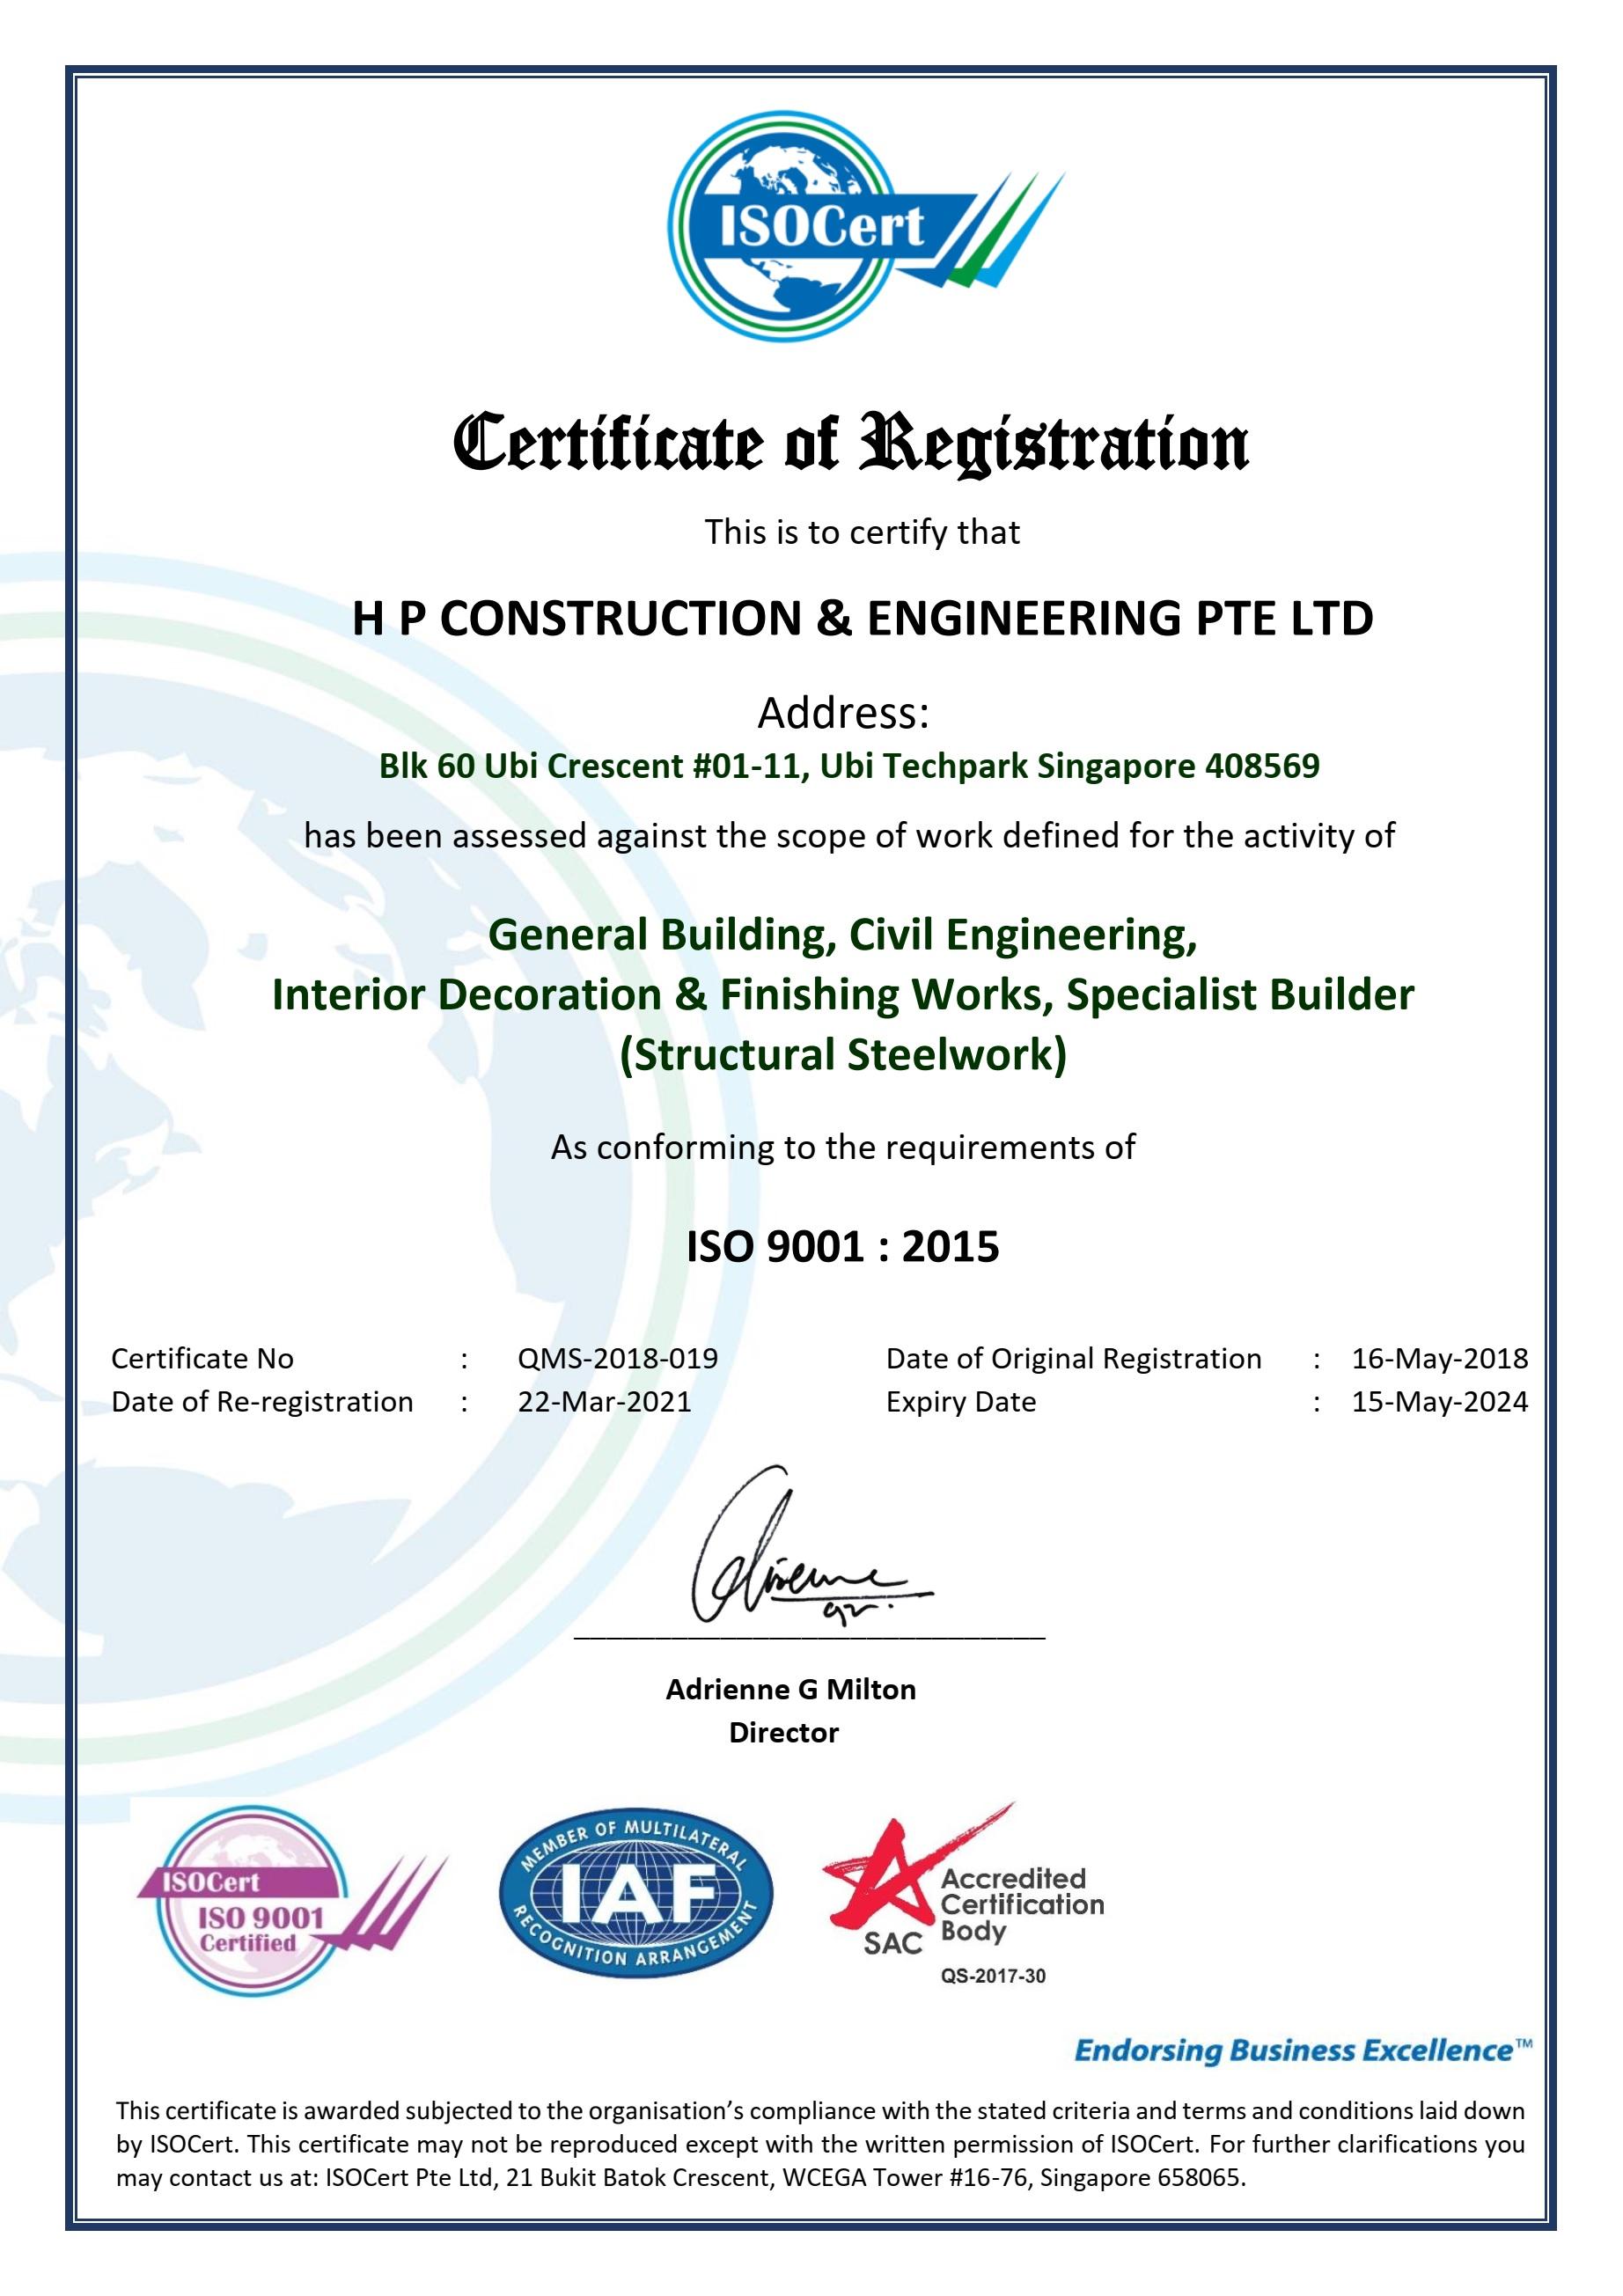 ISO 9001 Certificate v3